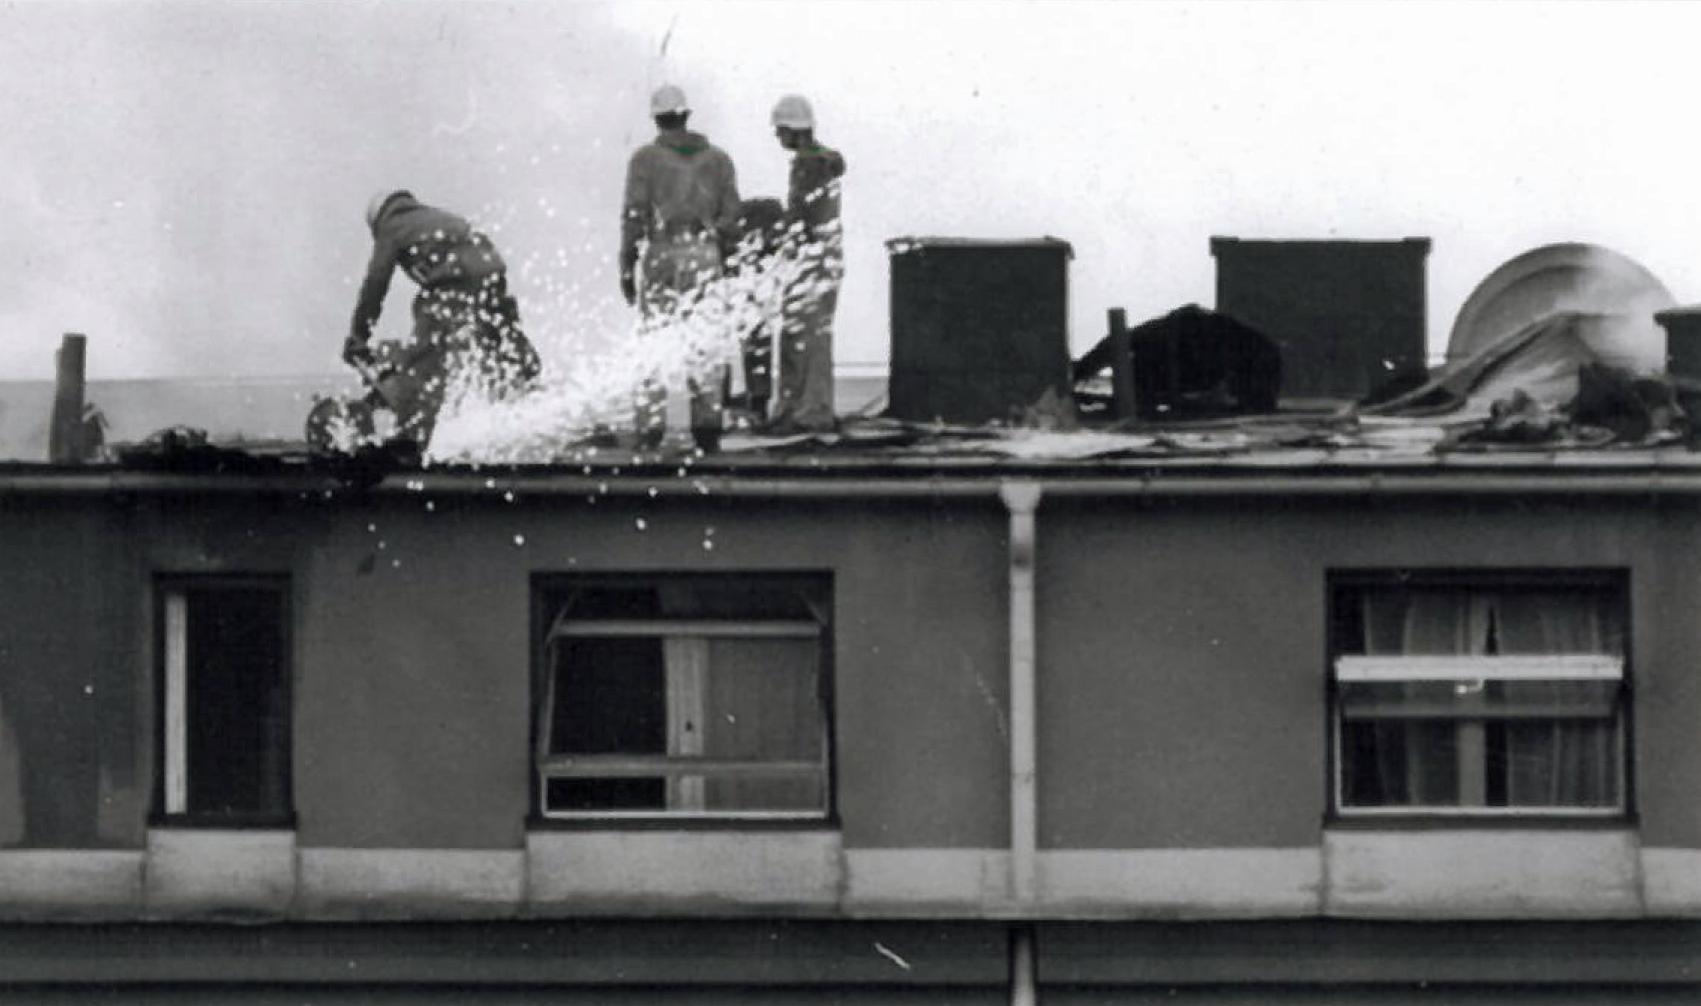 Mobelvaruhus brann ner till grunden